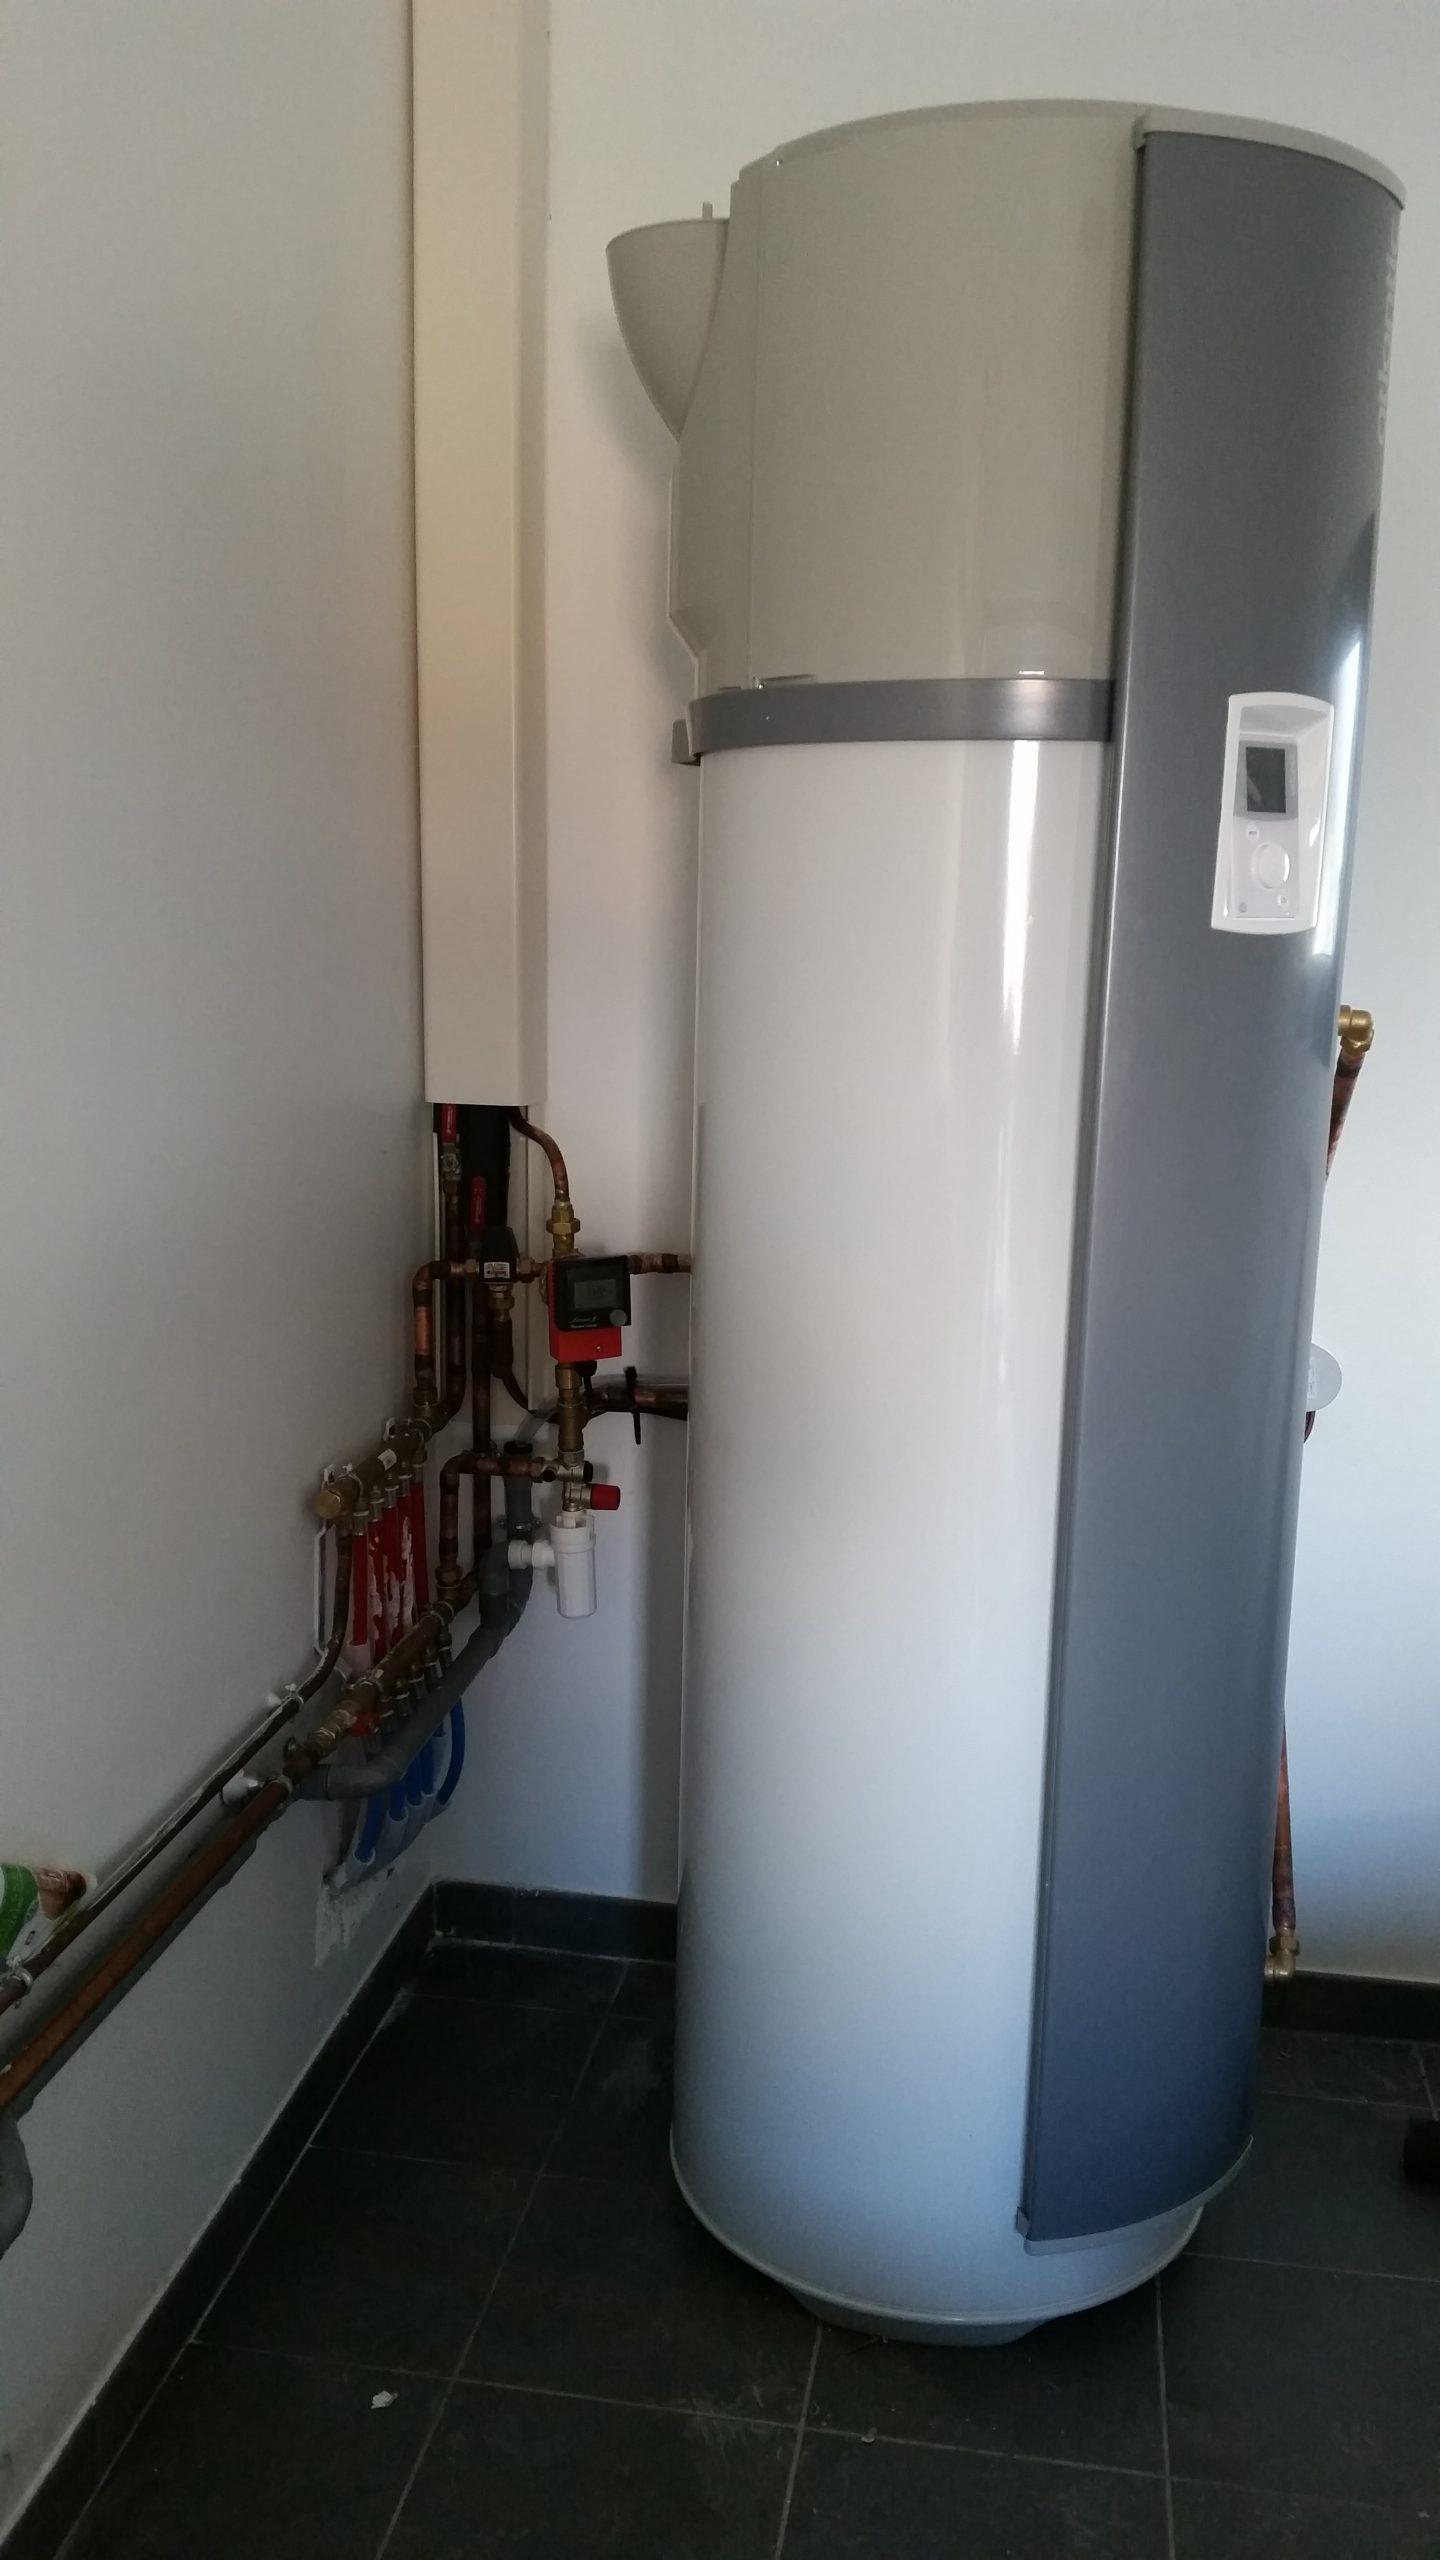 chauffe-eau thermodynamique montauban